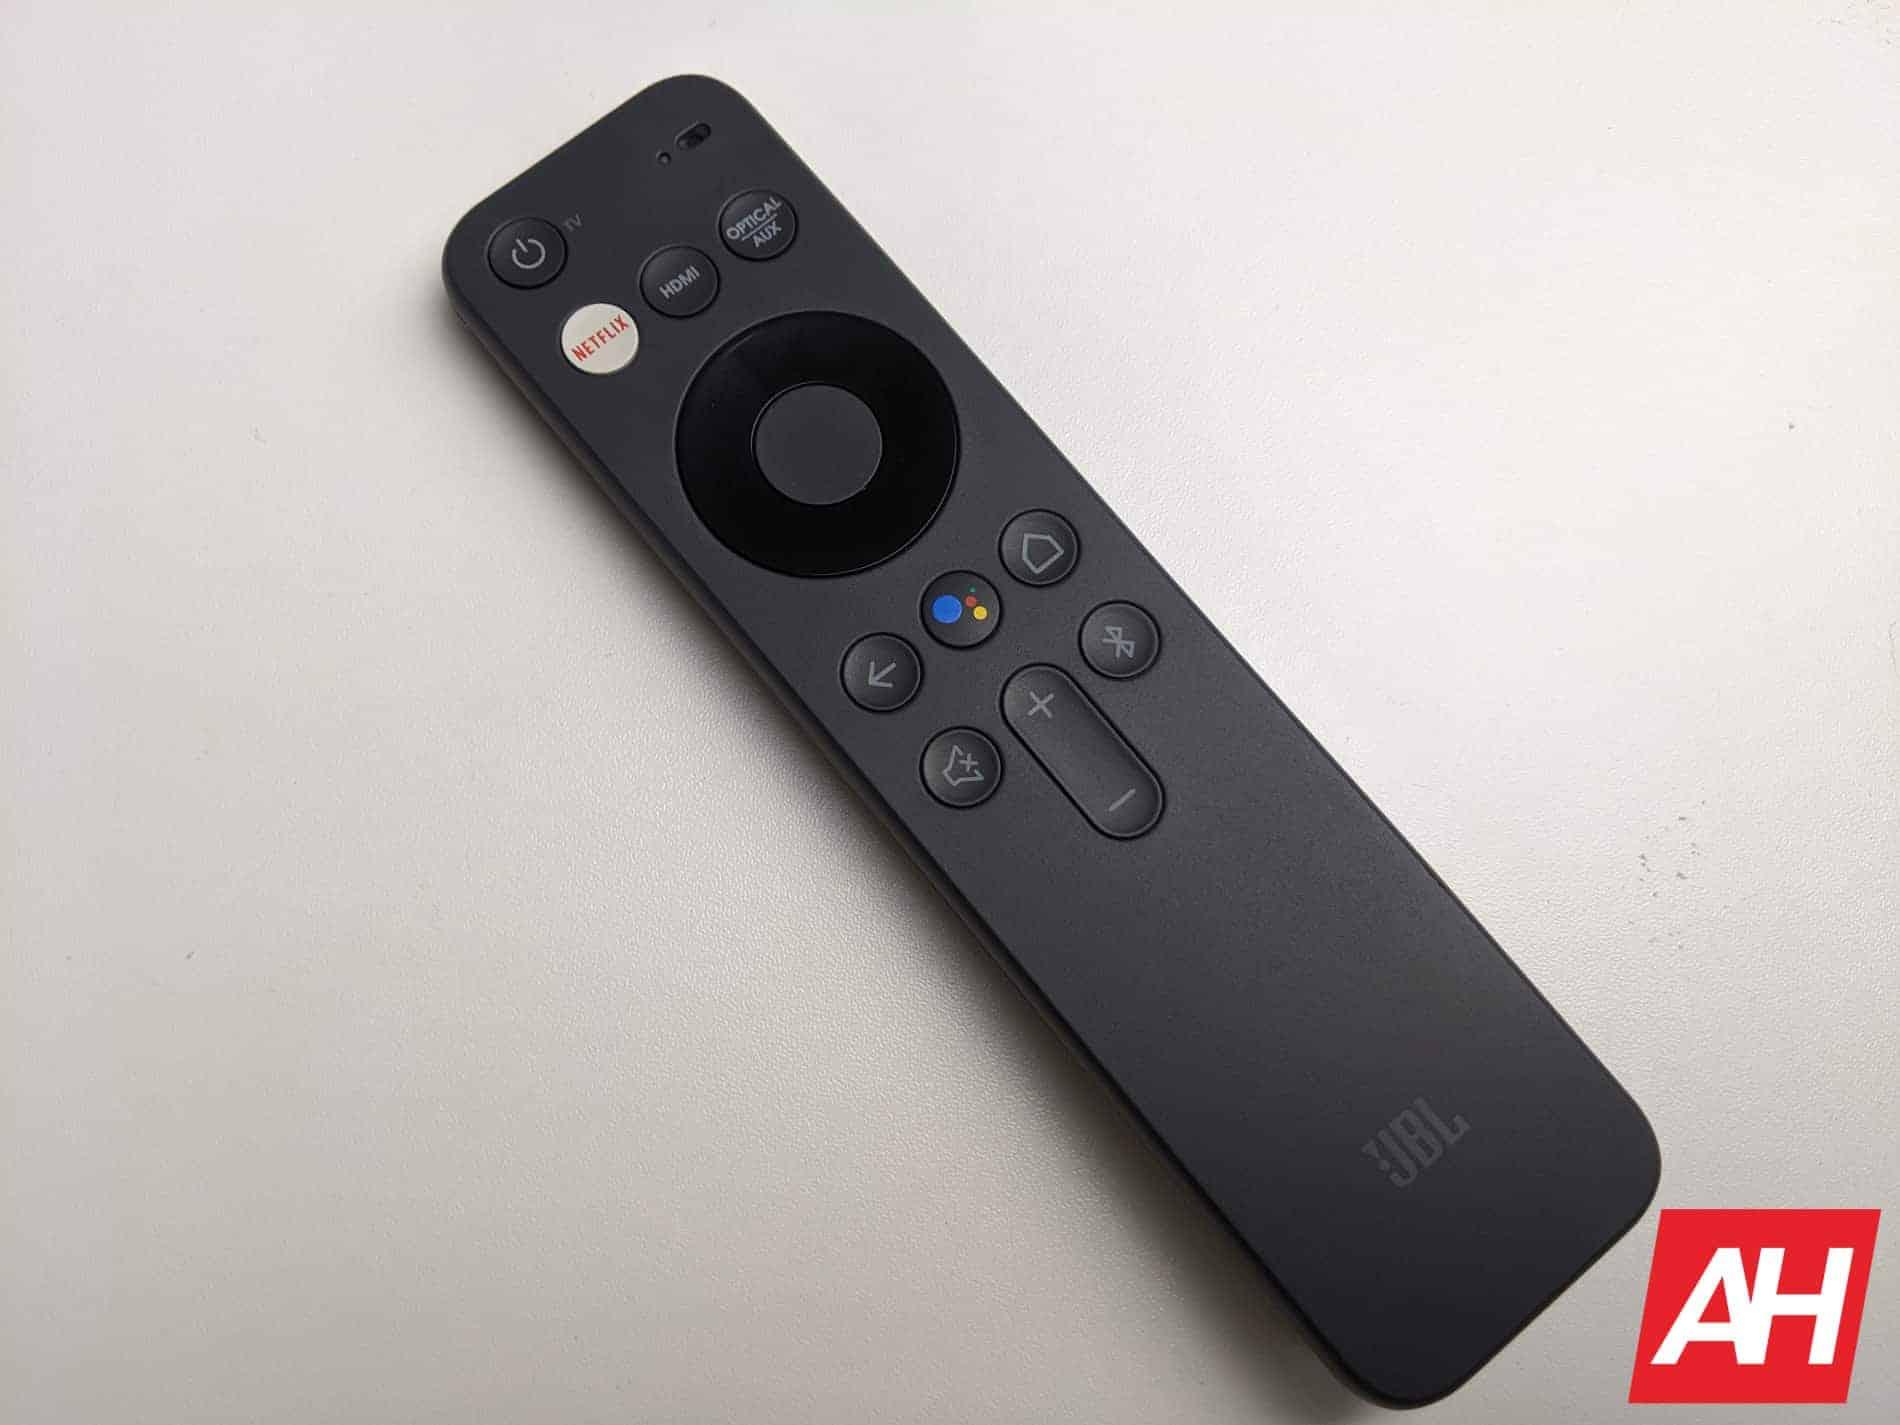 JBL Link Bar Android TV Remote Control AH 01 1